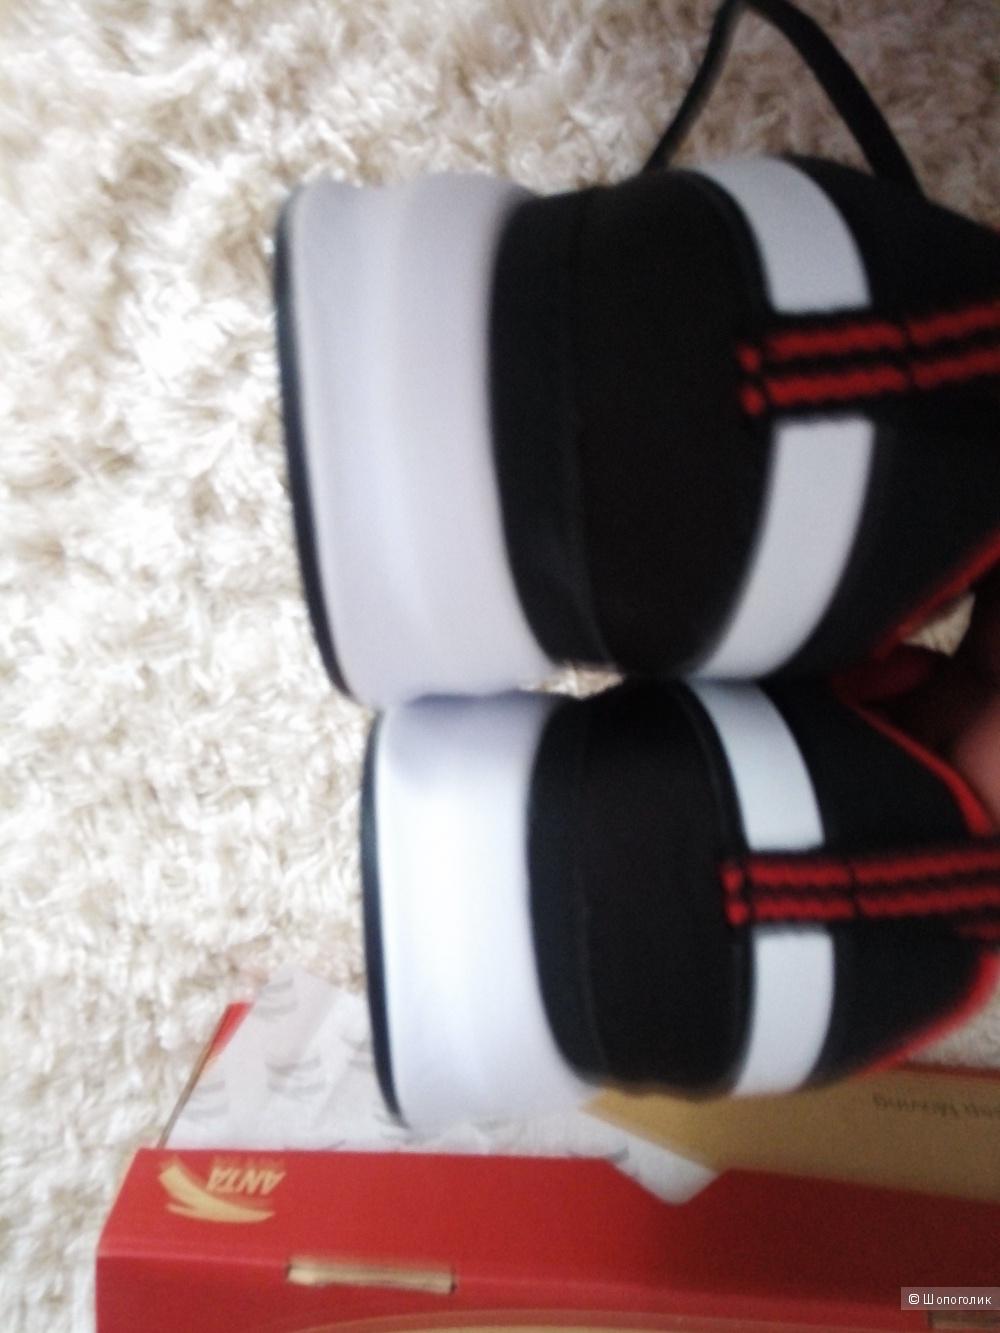 Кроссовки Anta, 42 размер